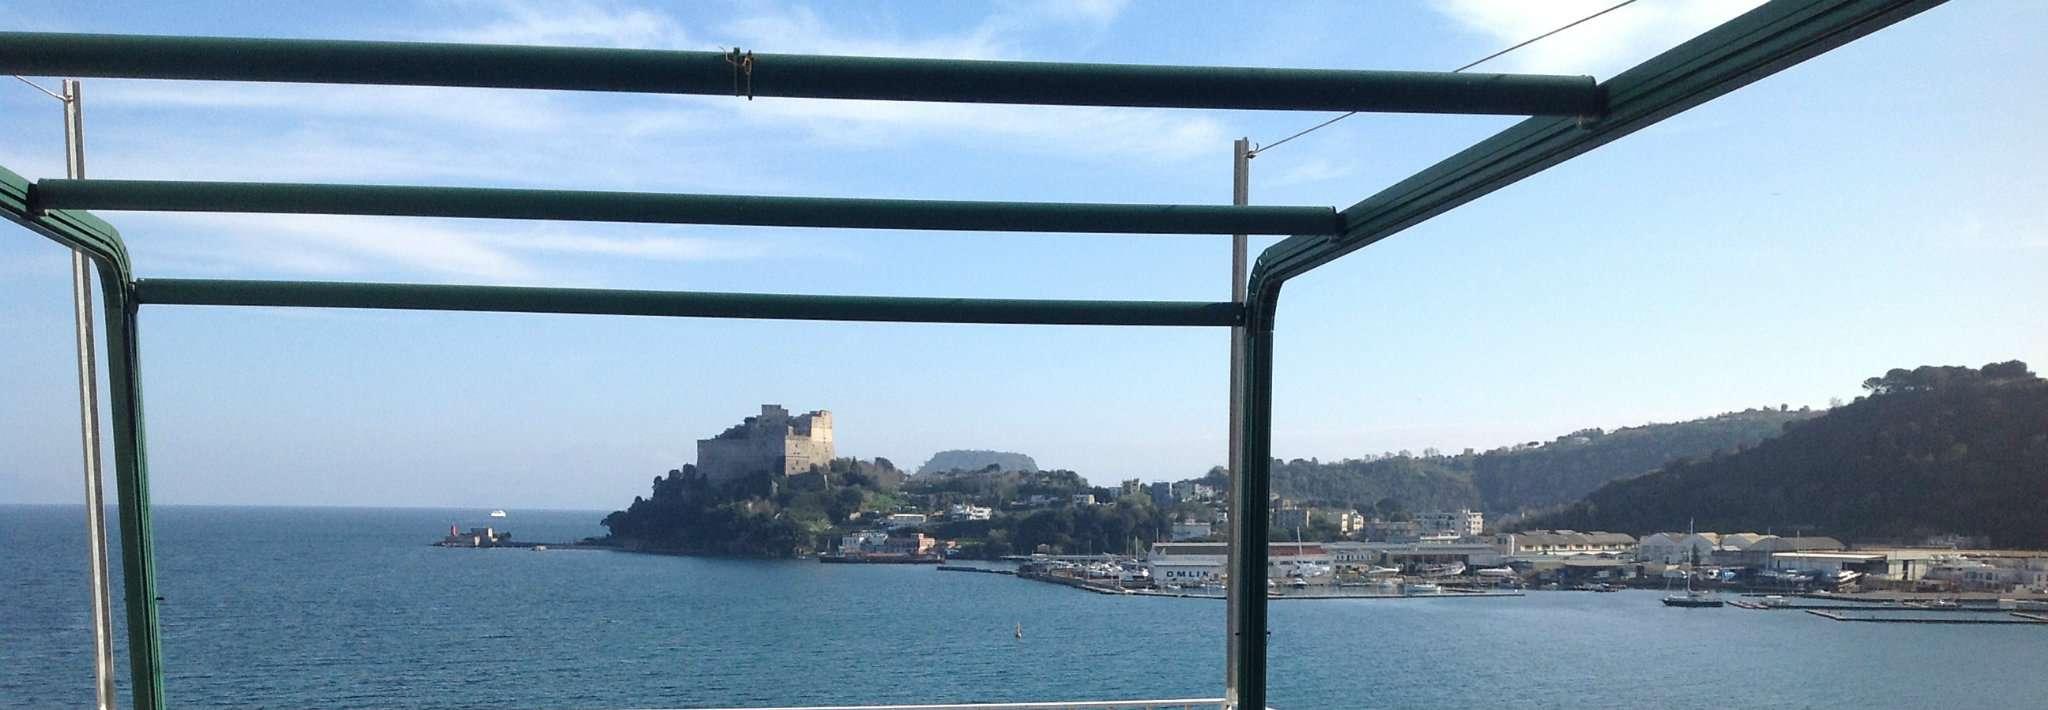 Appartamento in affitto a Bacoli, 2 locali, prezzo € 750   Cambio Casa.it